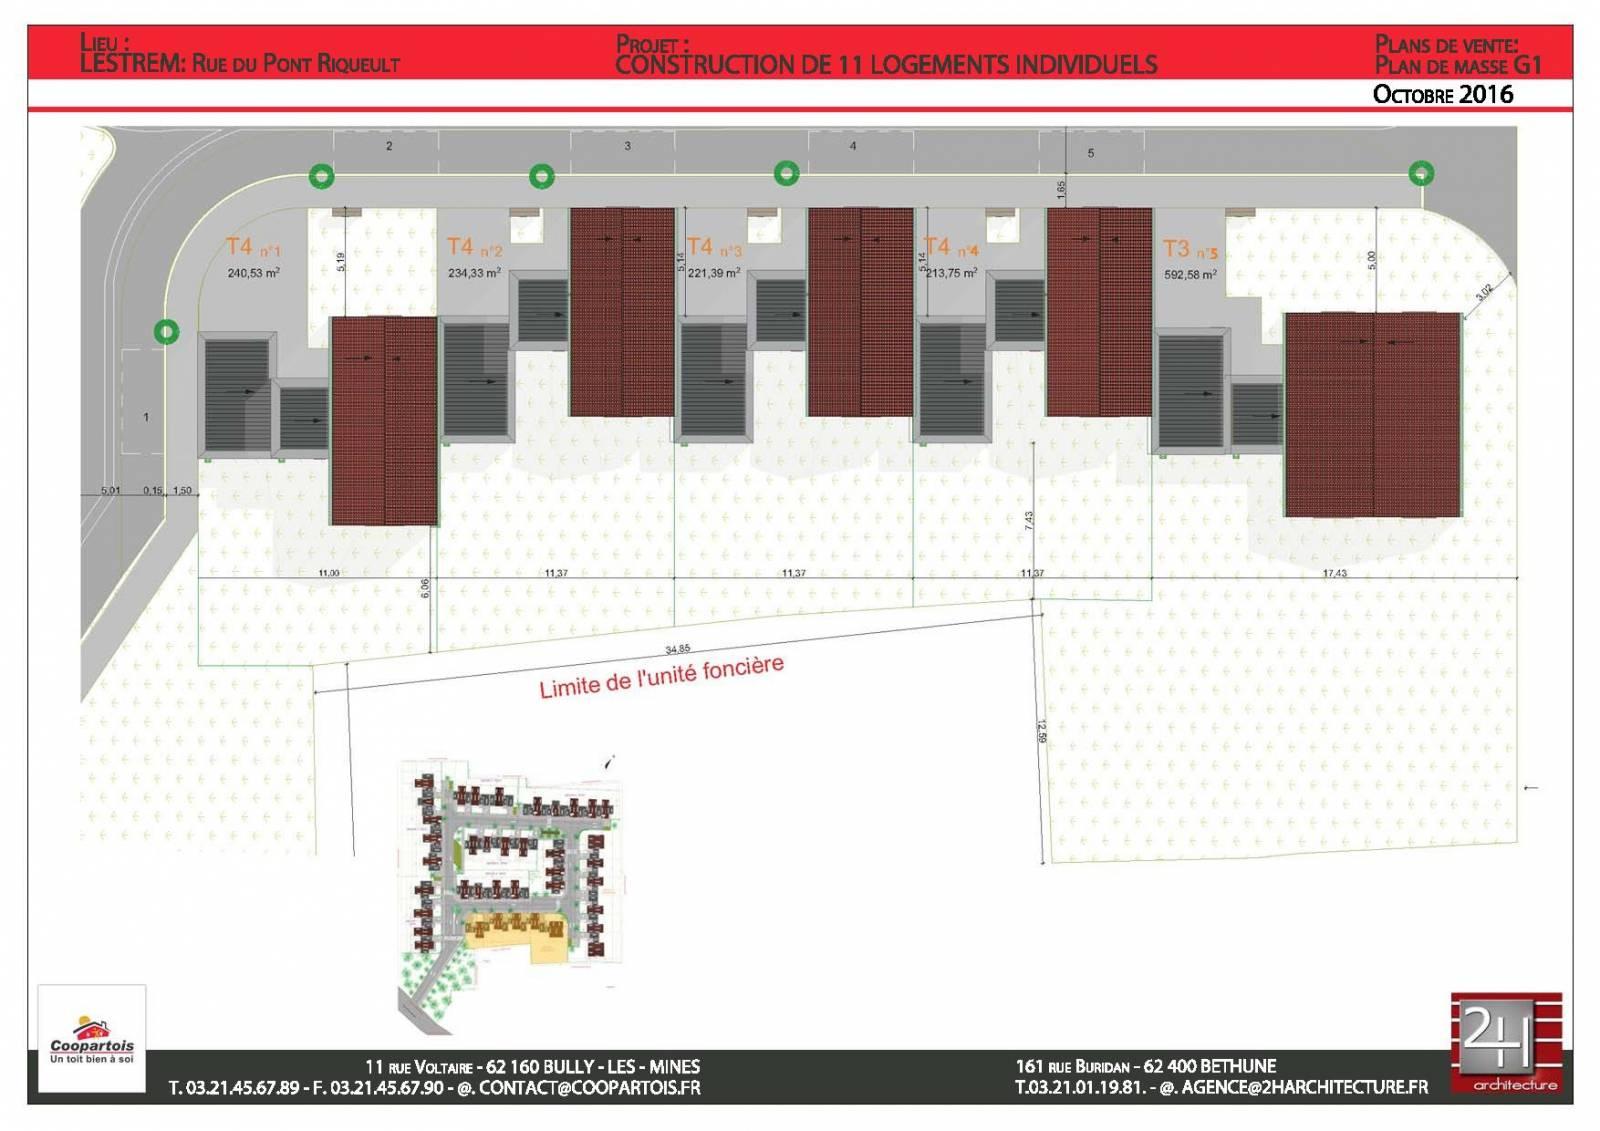 Lestrem 62136 maison neuve 3 chambres rt 2012 coopartois - La maison ysy par le studio auau ...